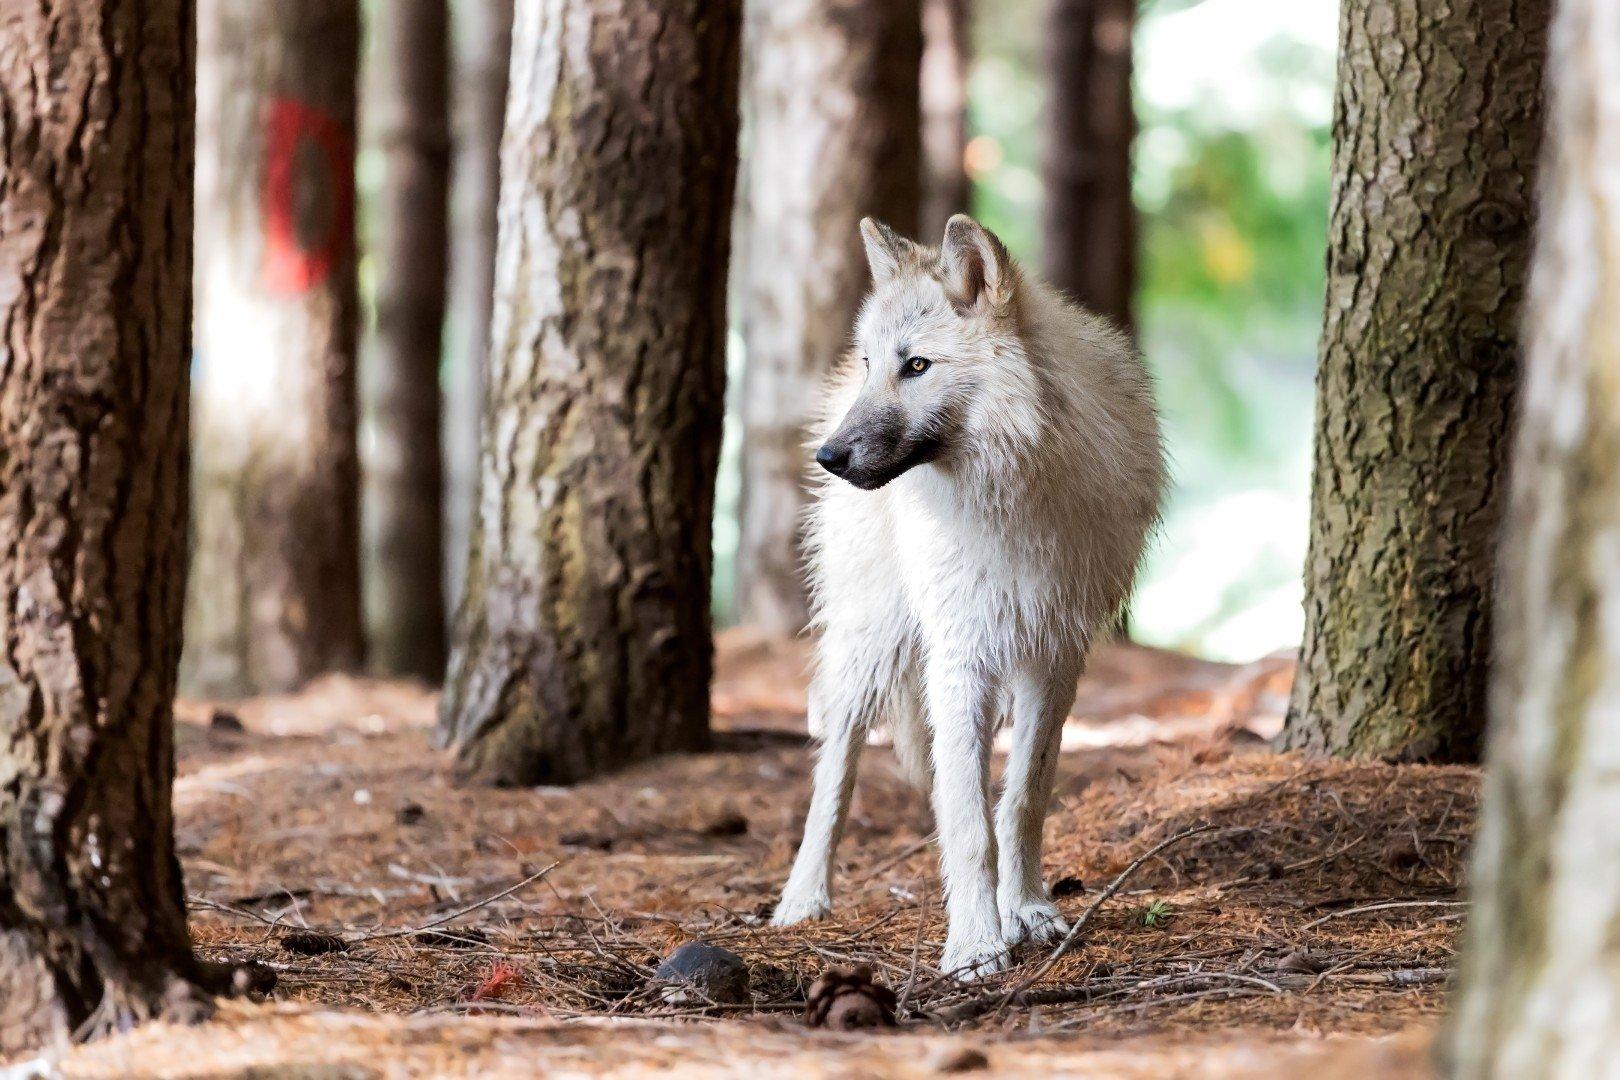 Lupo in Italia. Chi ha paura del lupo?